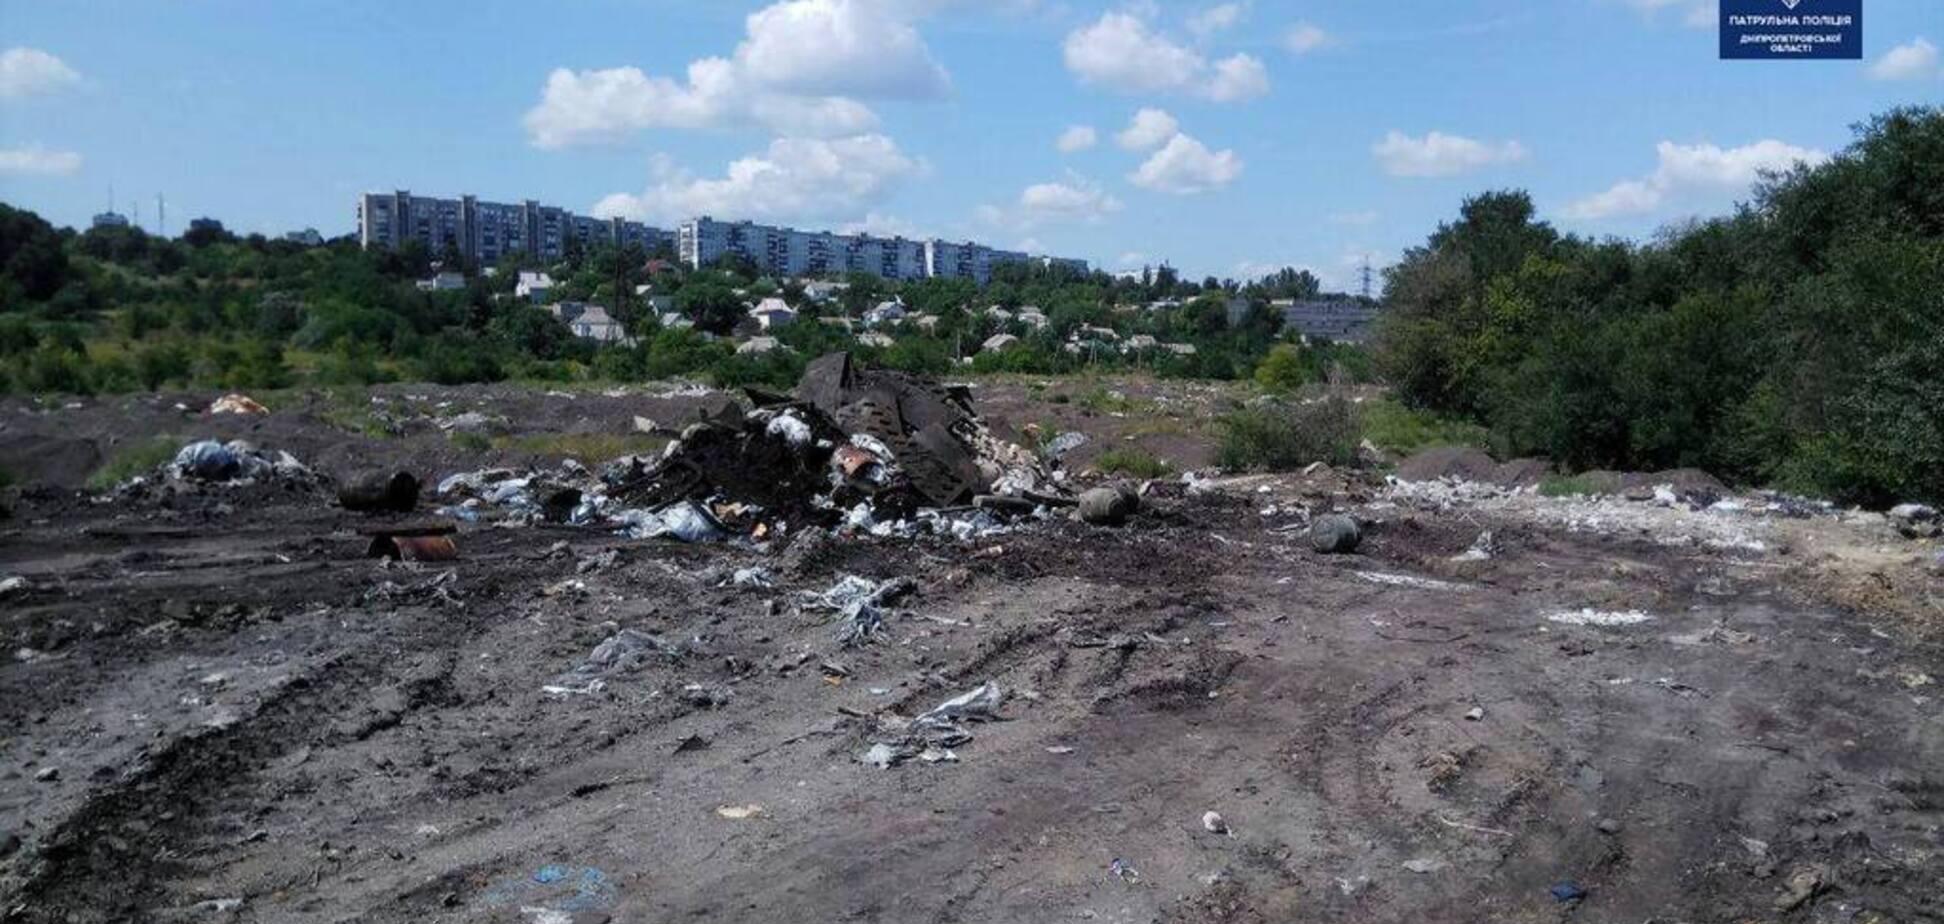 Звалище замість дороги: невідомі вивозили сміття на місце будівництва об'їзної під Дніпром